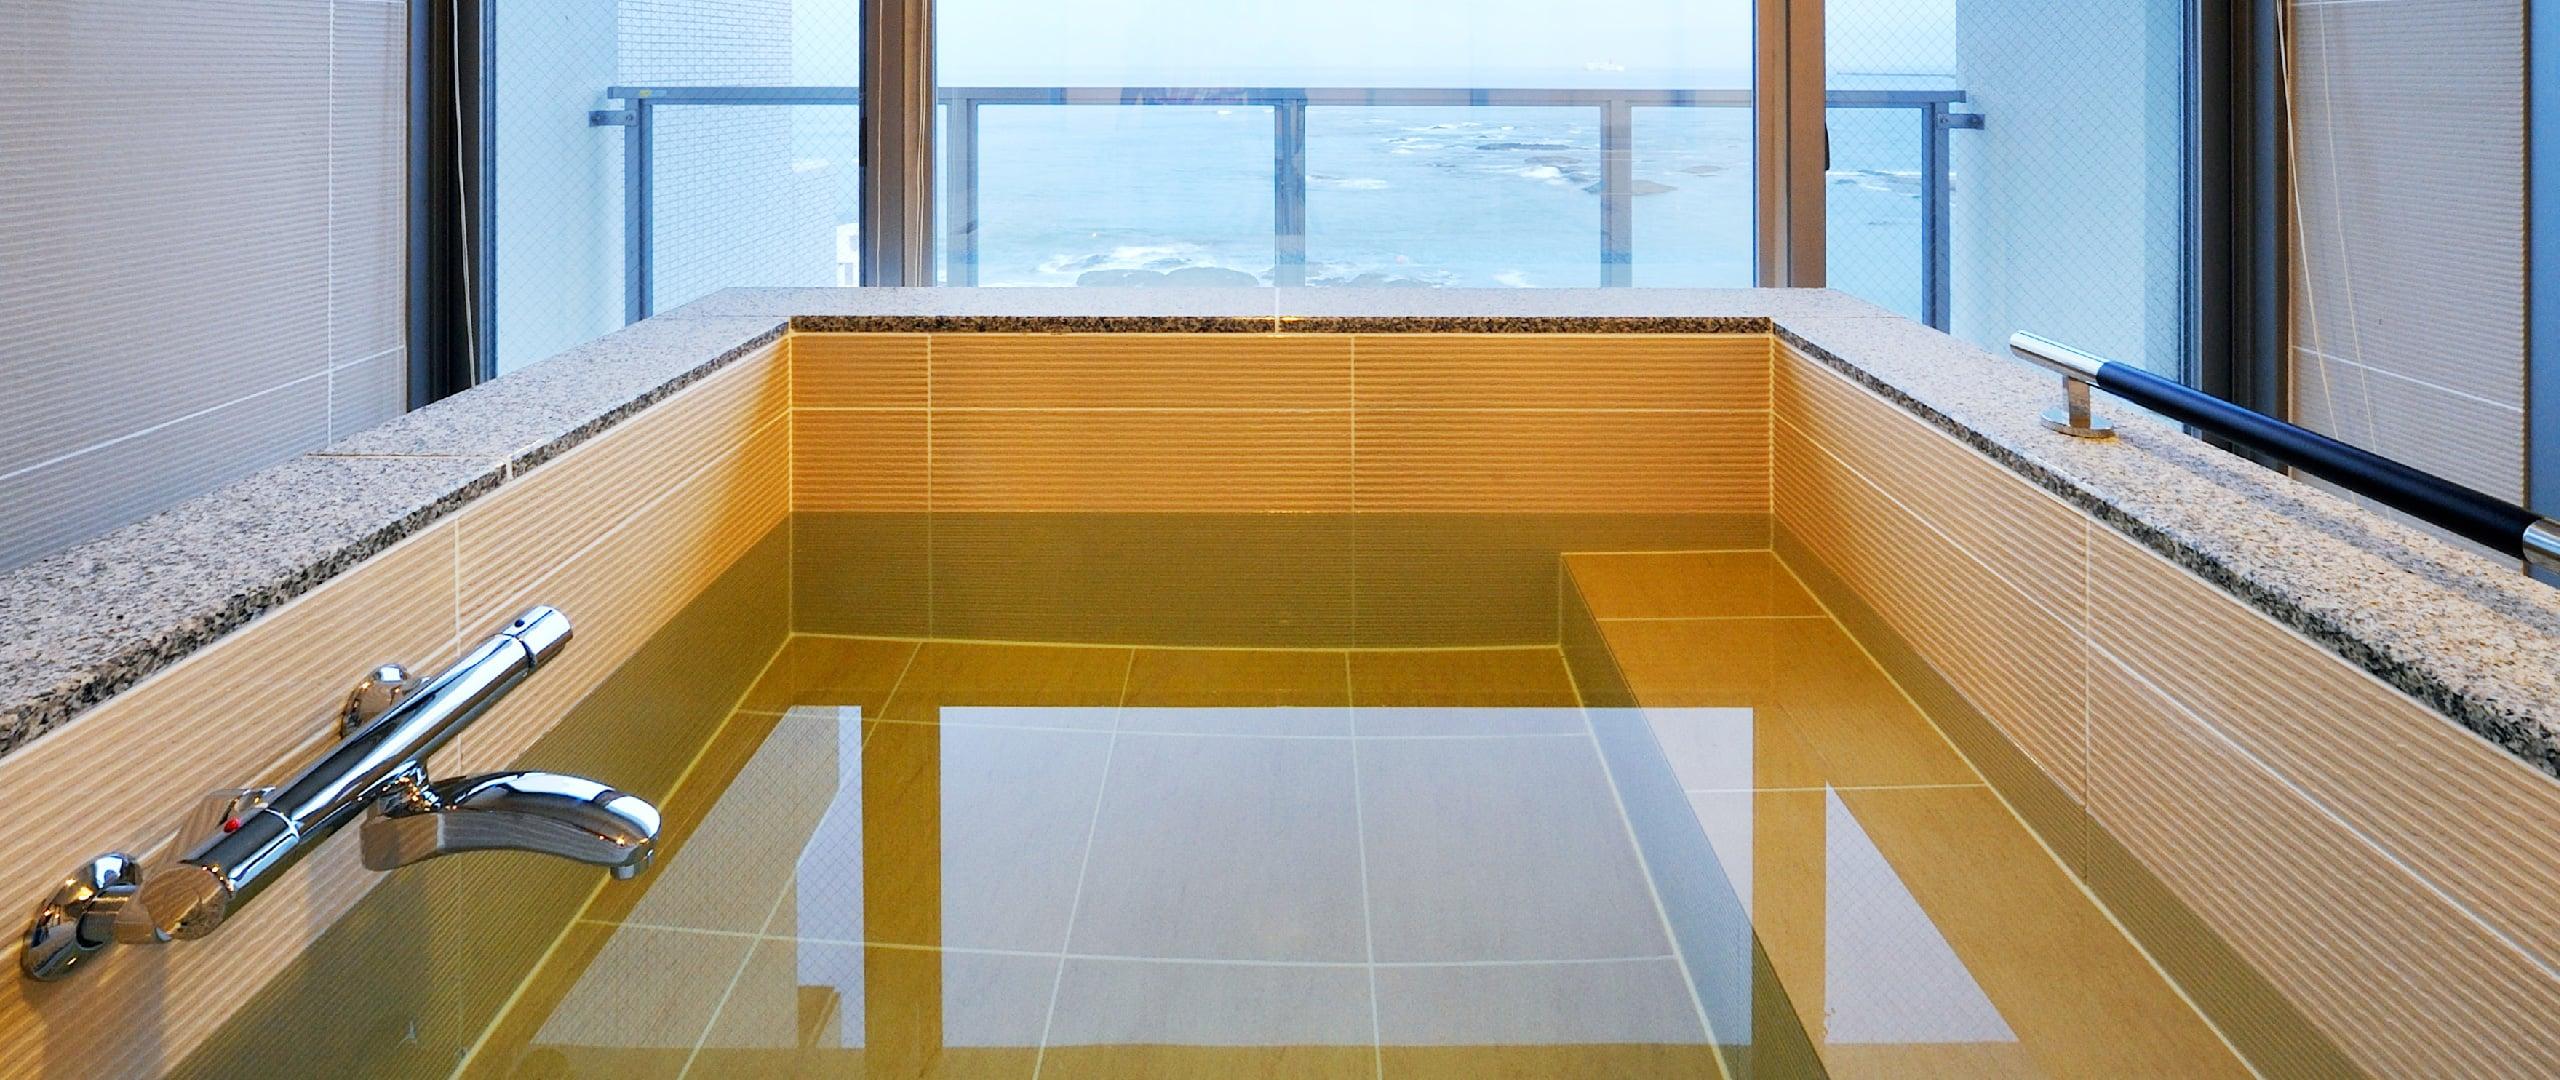 大きな浴槽